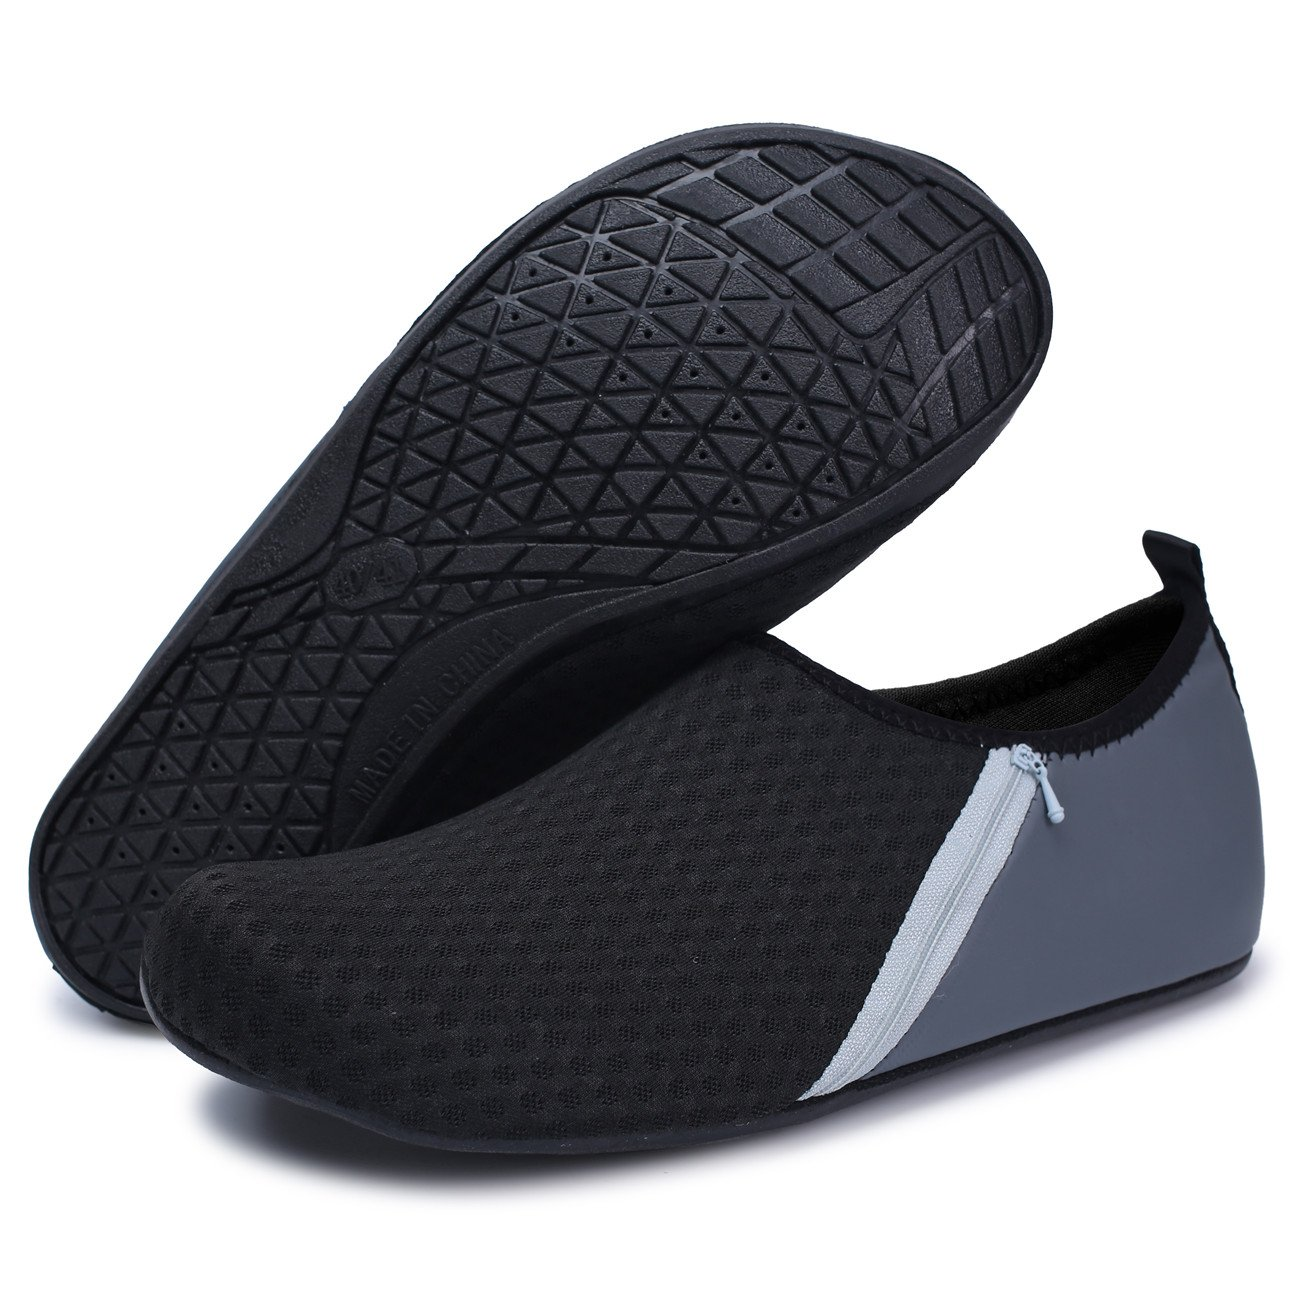 FEETCITY Hombres Zapatos de agua Zapatos de natación para mujeres de secado  rápido Descalzo Beach Surf Boat Yoga Sneakers Bolsillo gris e46416a5cb2